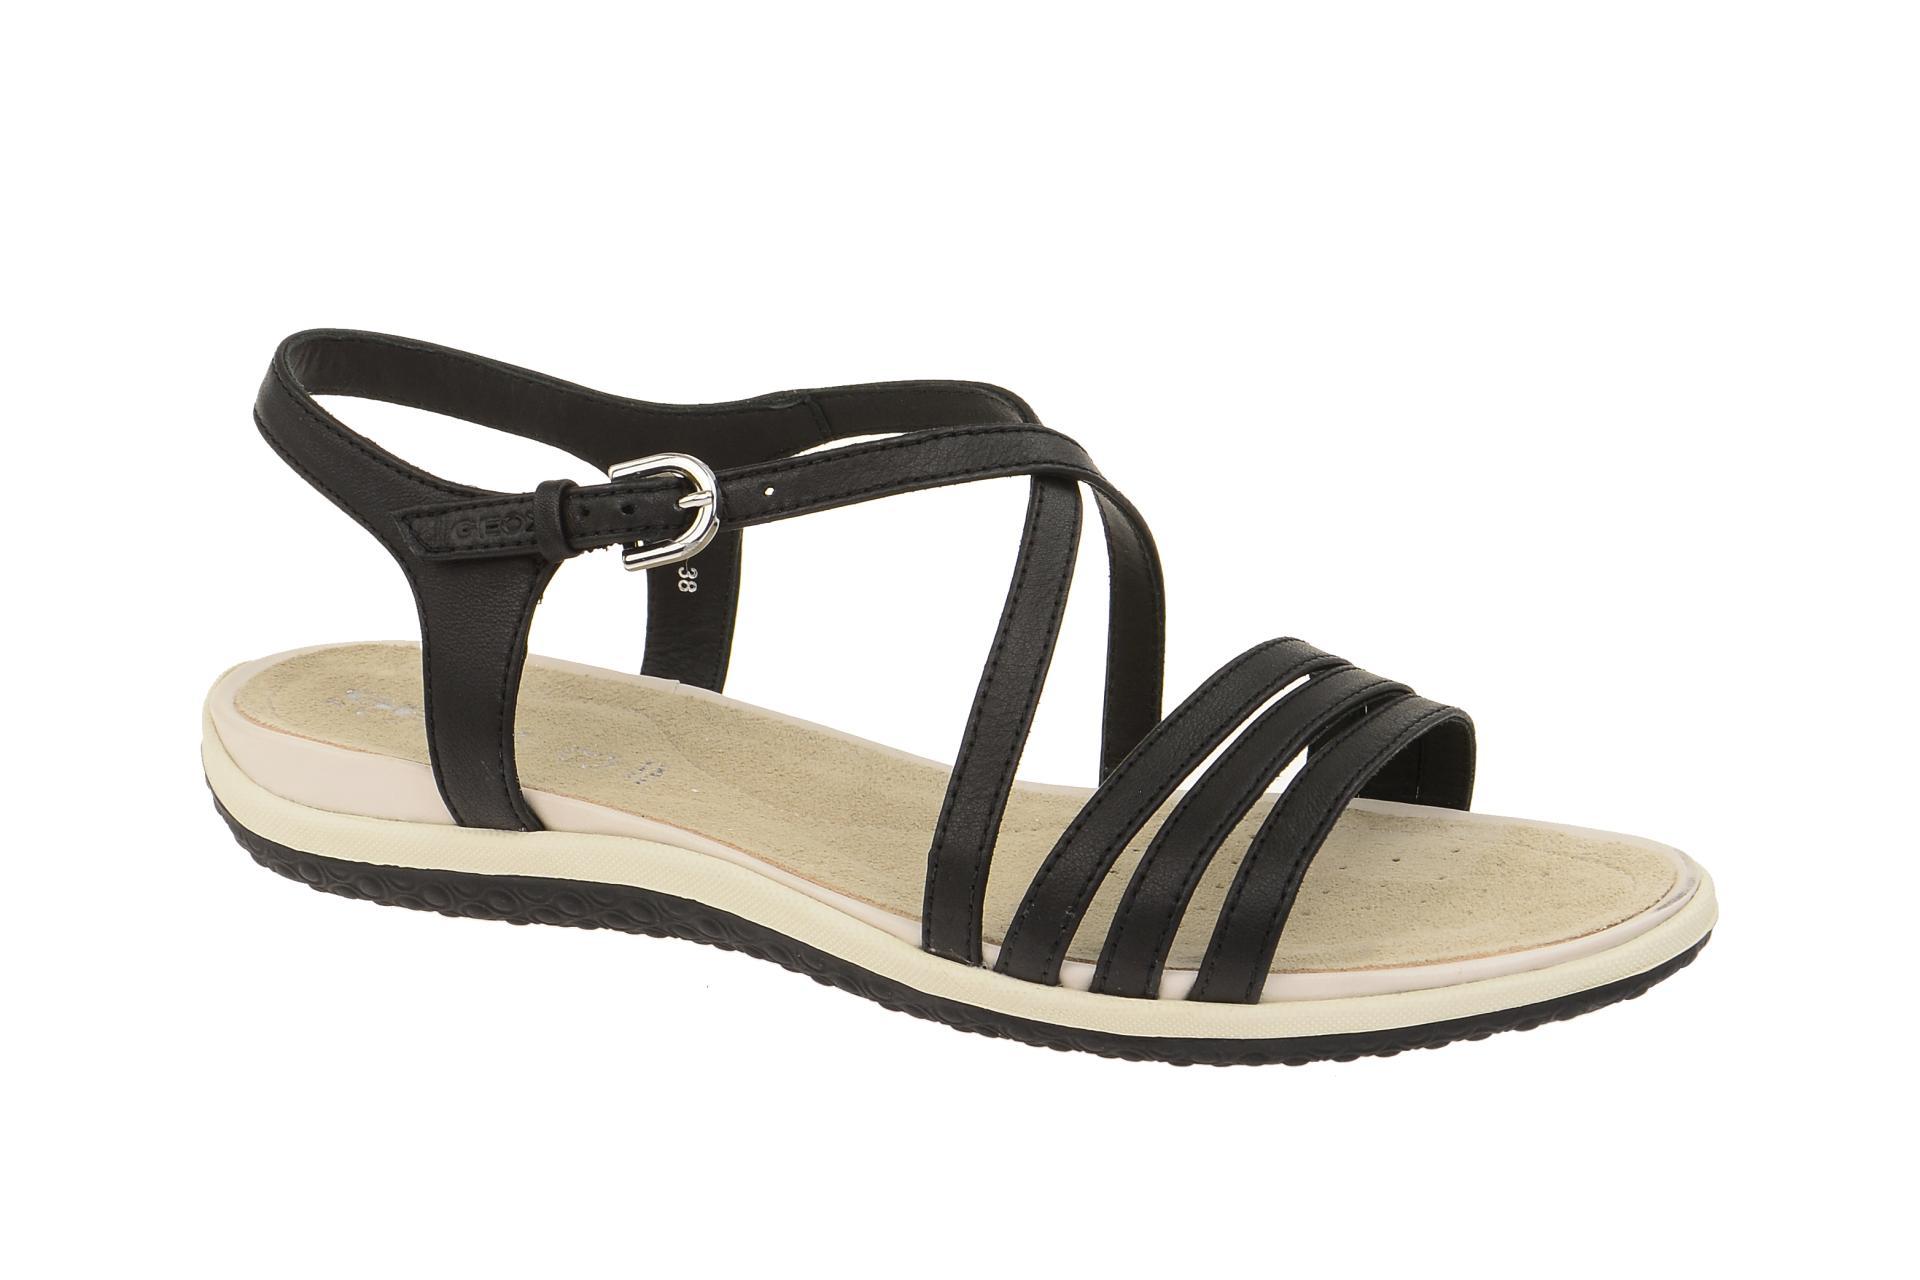 Geox Sandale Vega schwarz - D62R6C 00085 C9999 - Schuhhaus Strauch Shop 3efe18a326